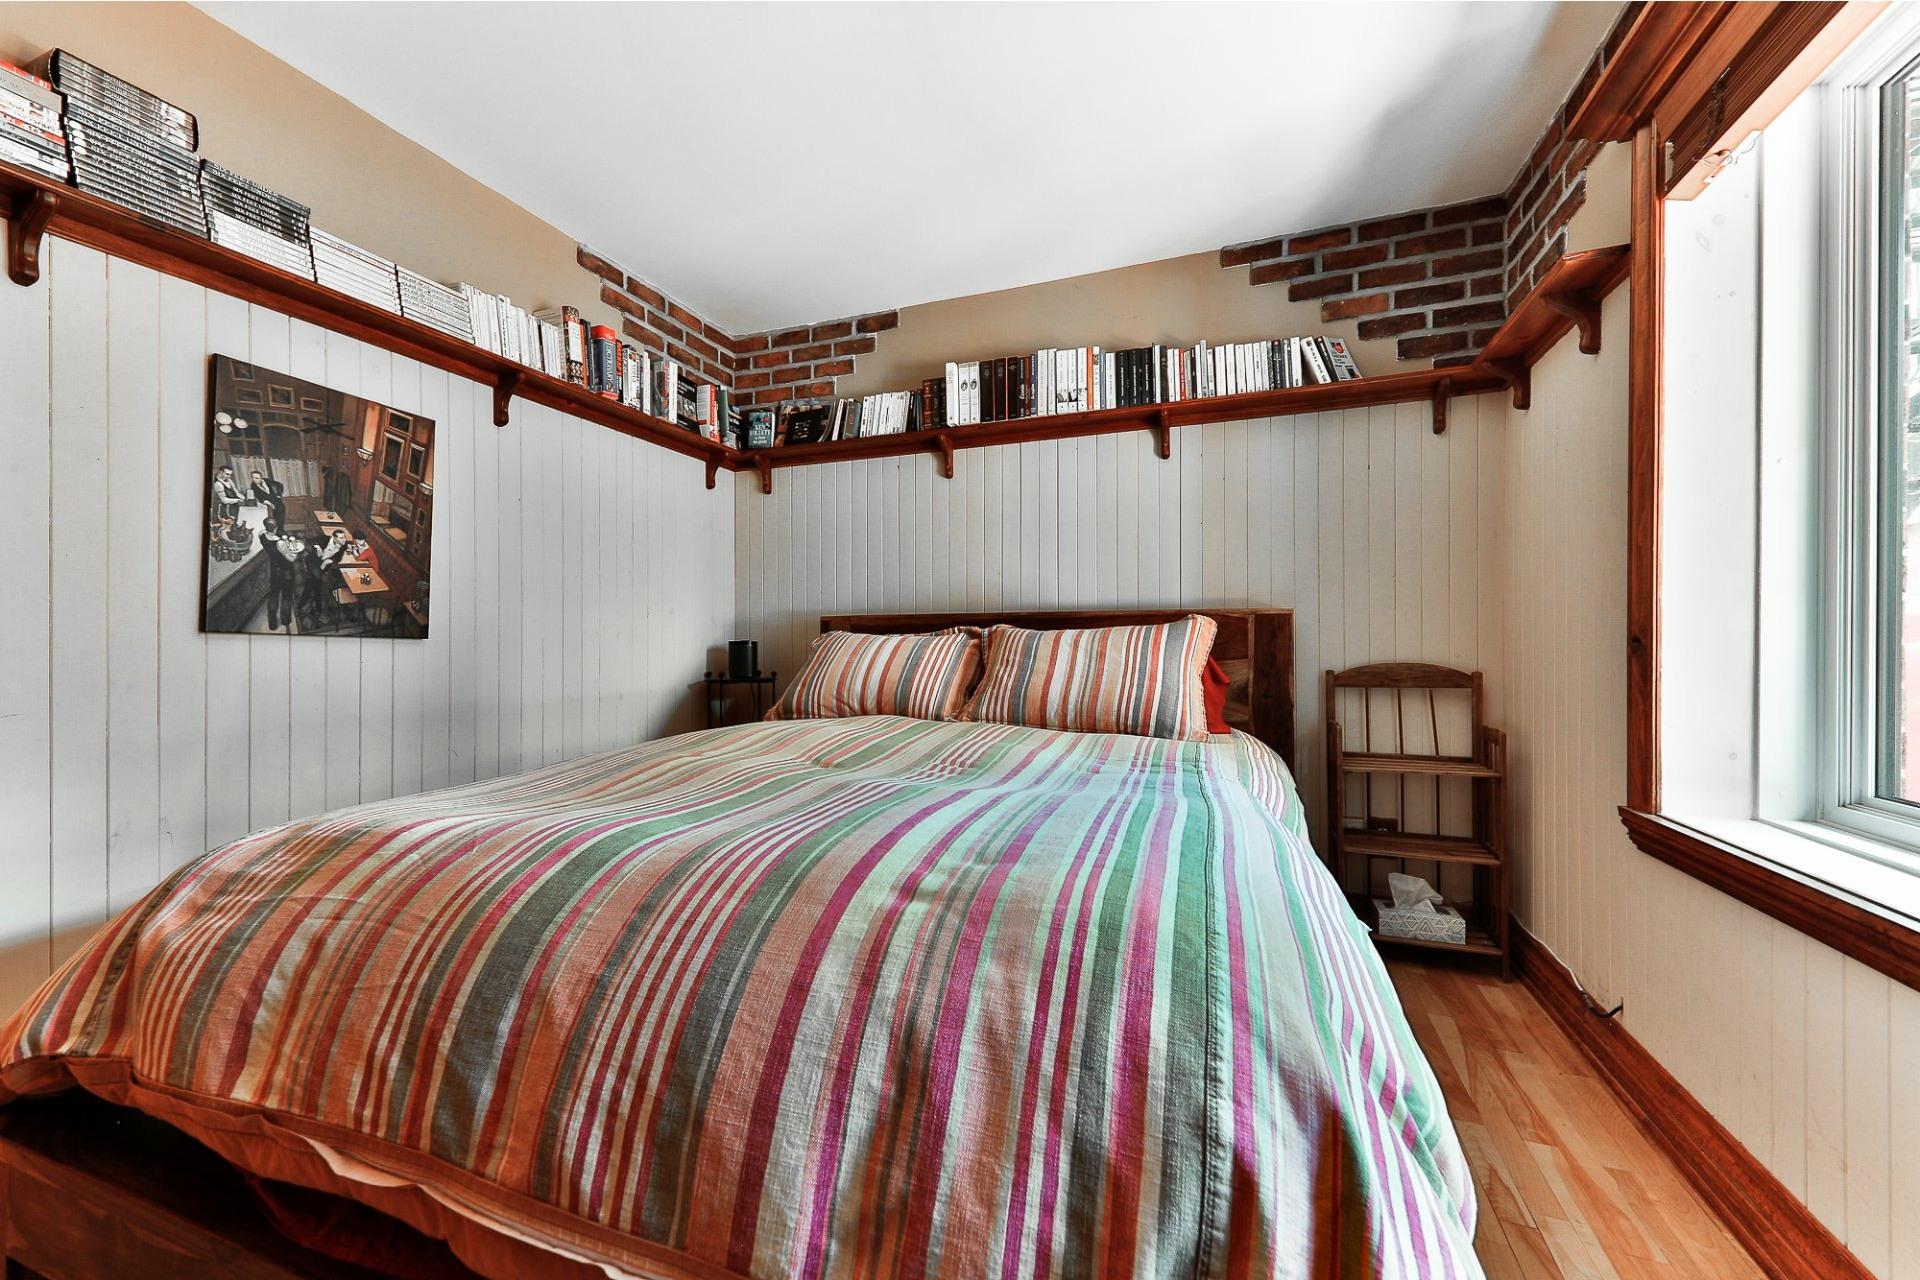 image 11 - Apartment For sale Villeray/Saint-Michel/Parc-Extension Montréal  - 6 rooms